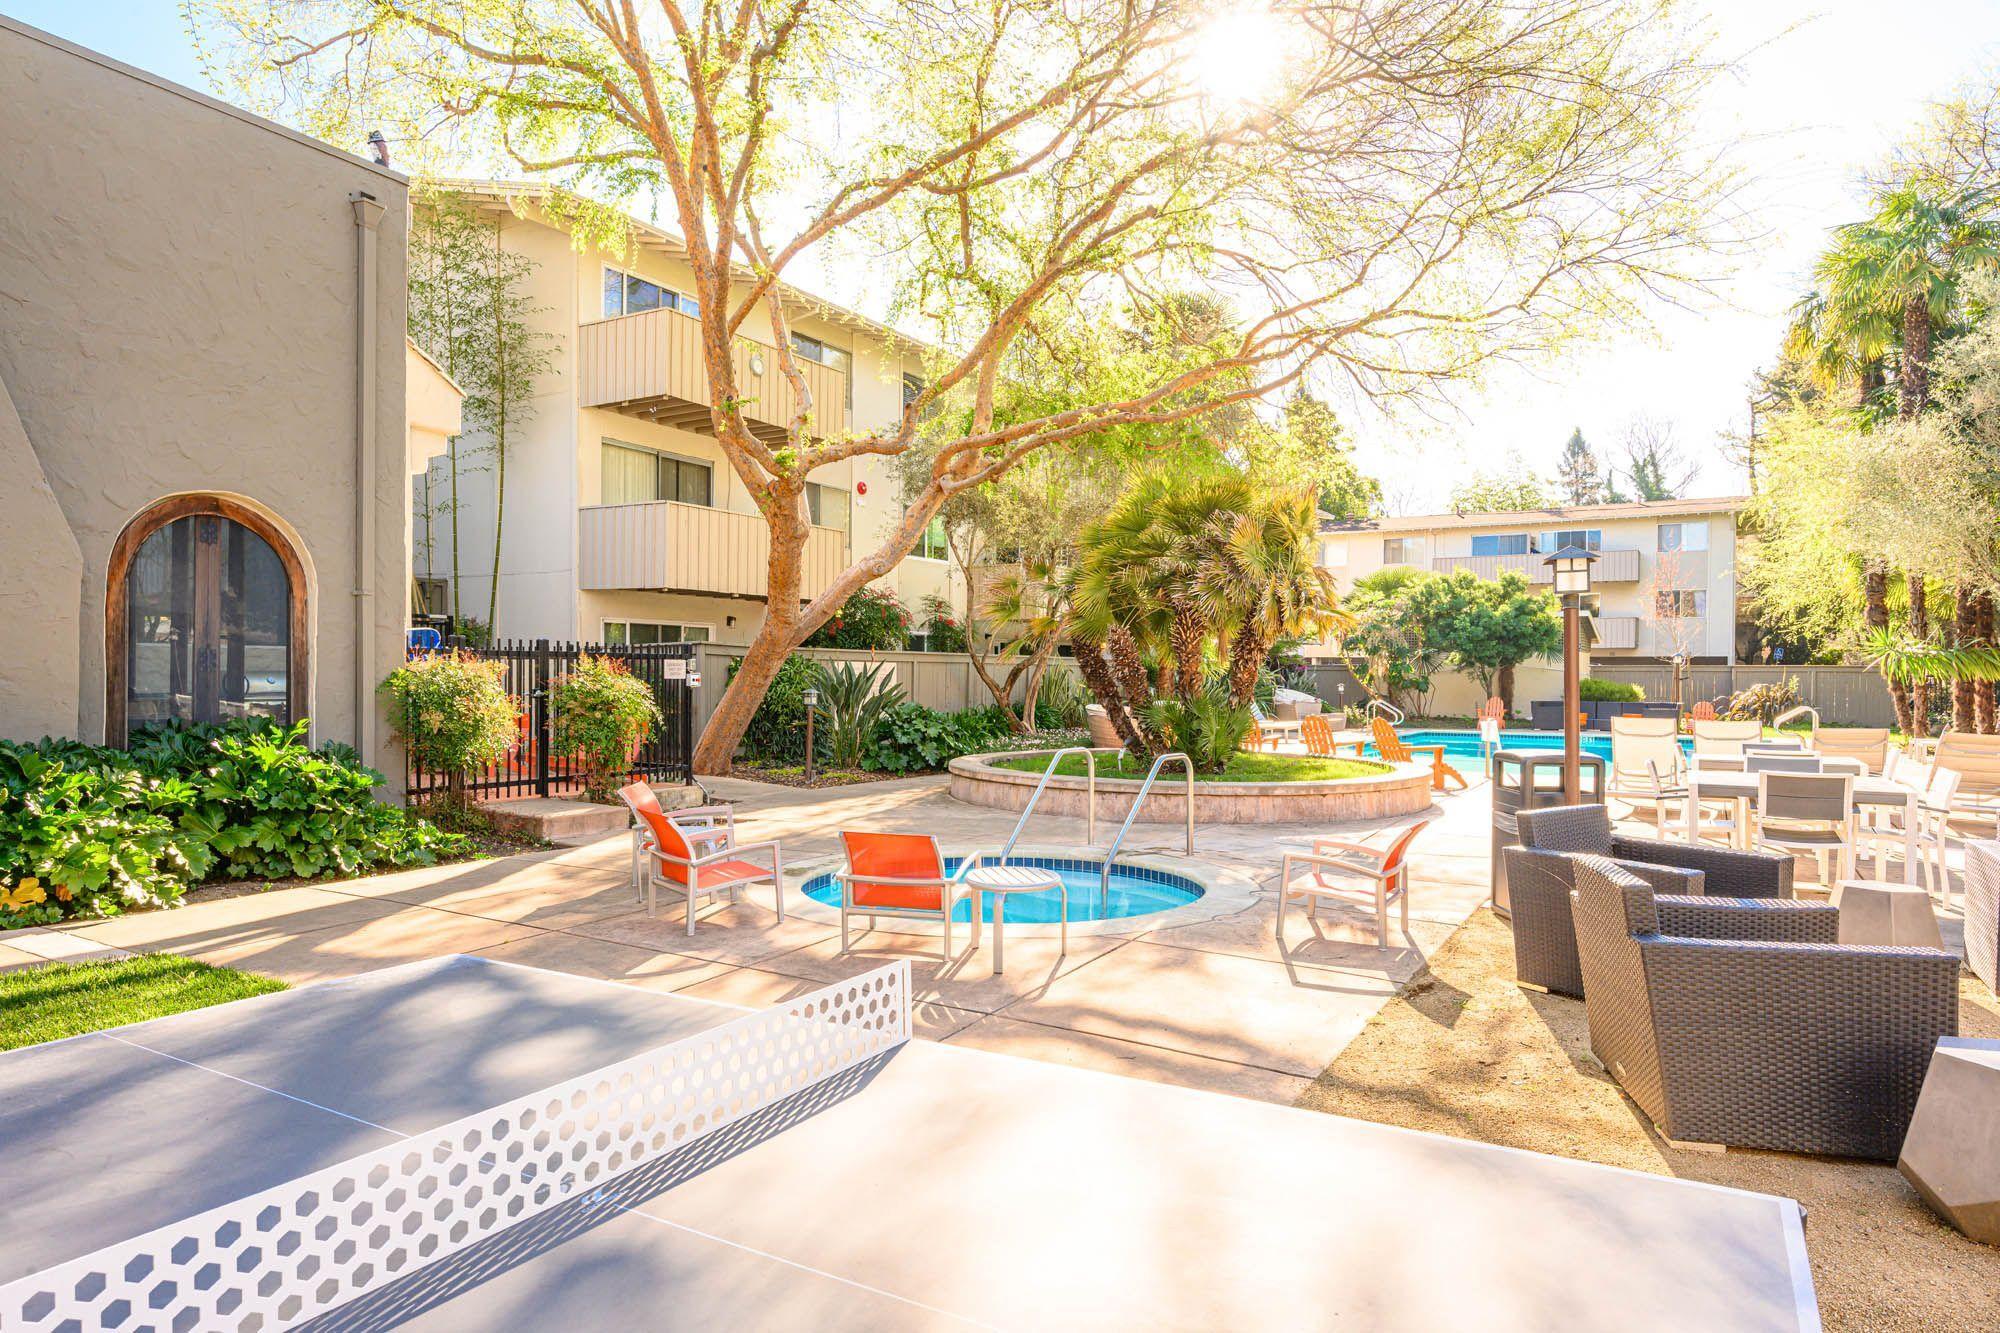 Creekside Park Apartments - Santa Rosa, CA Apartments for rent